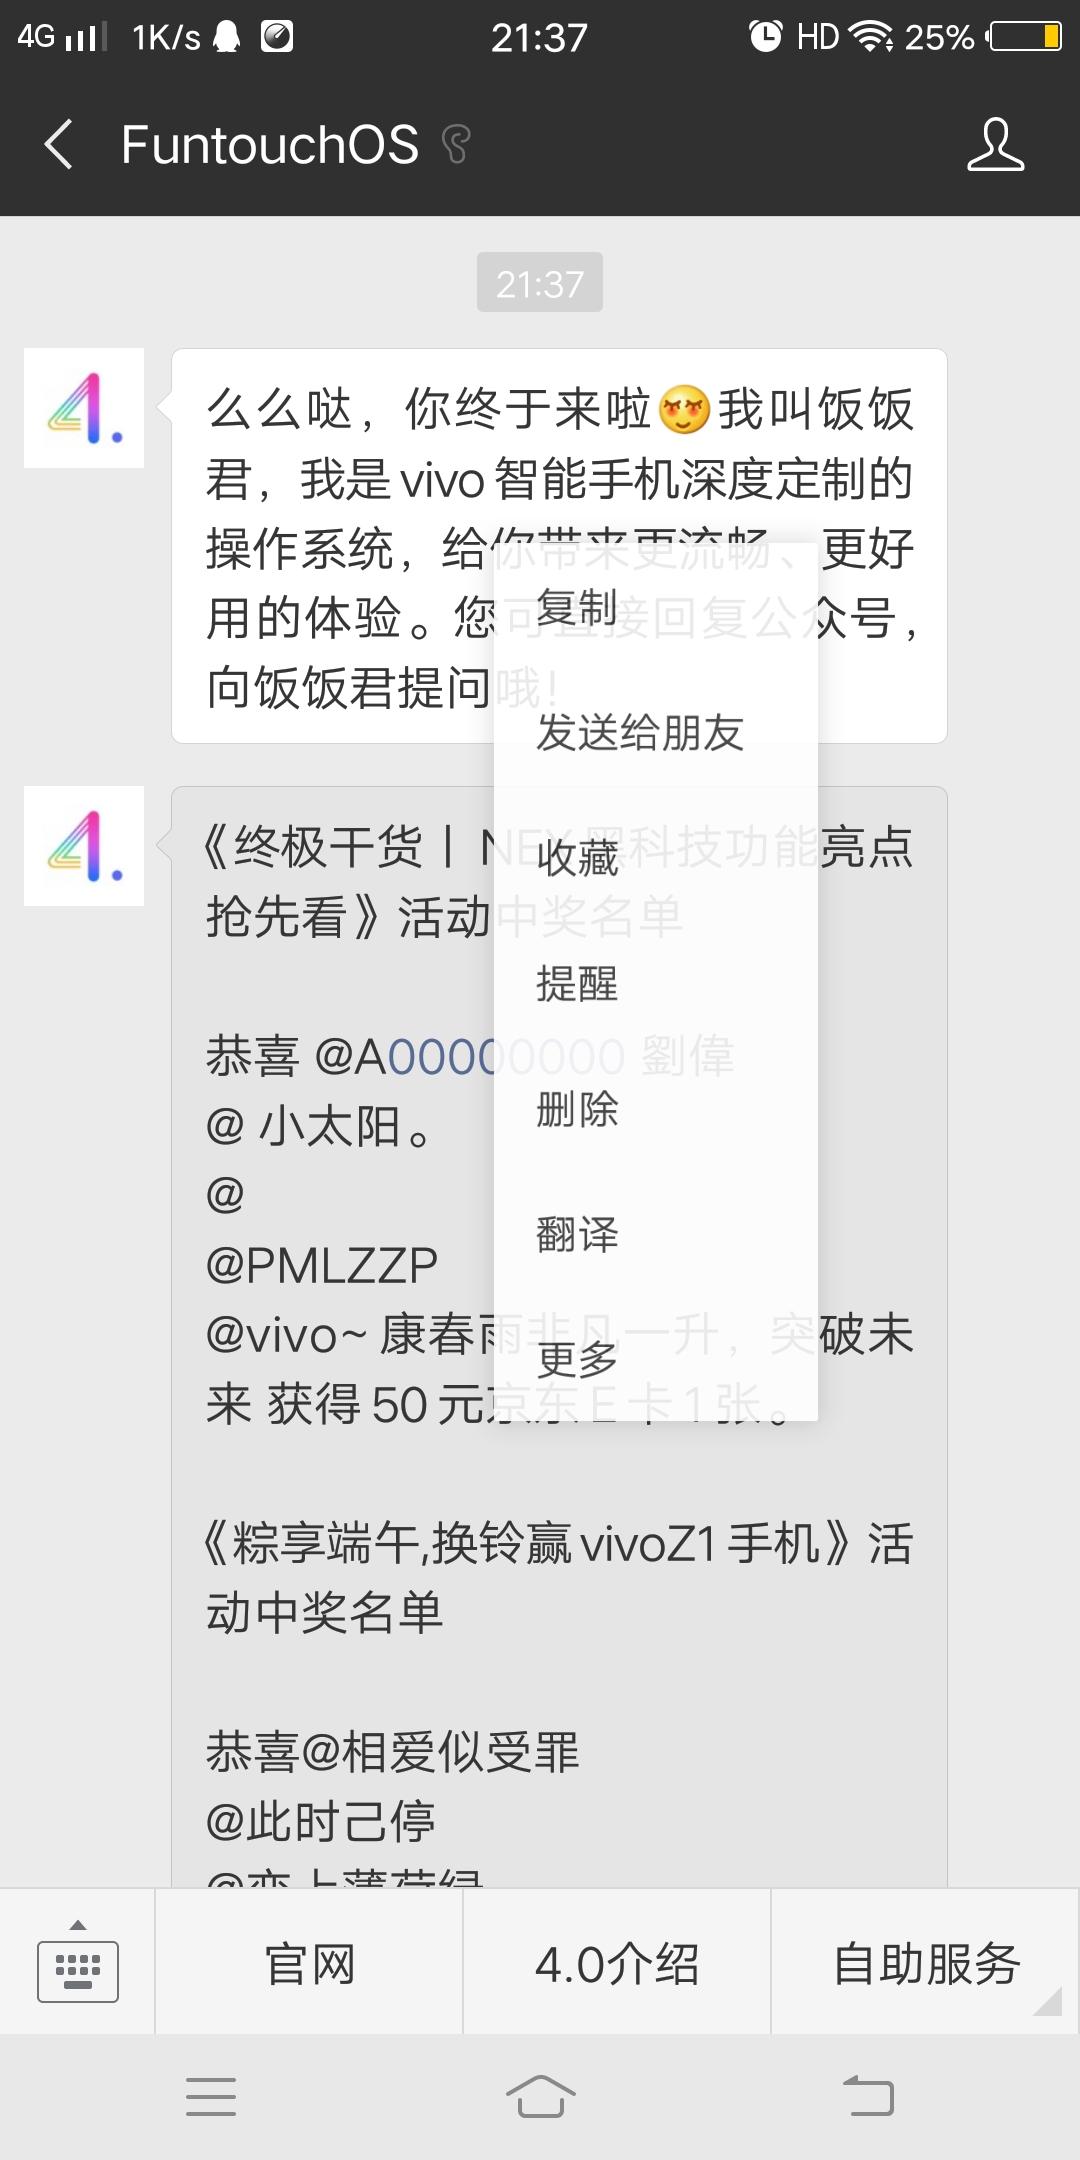 Screenshot_20180621_213733.jpg